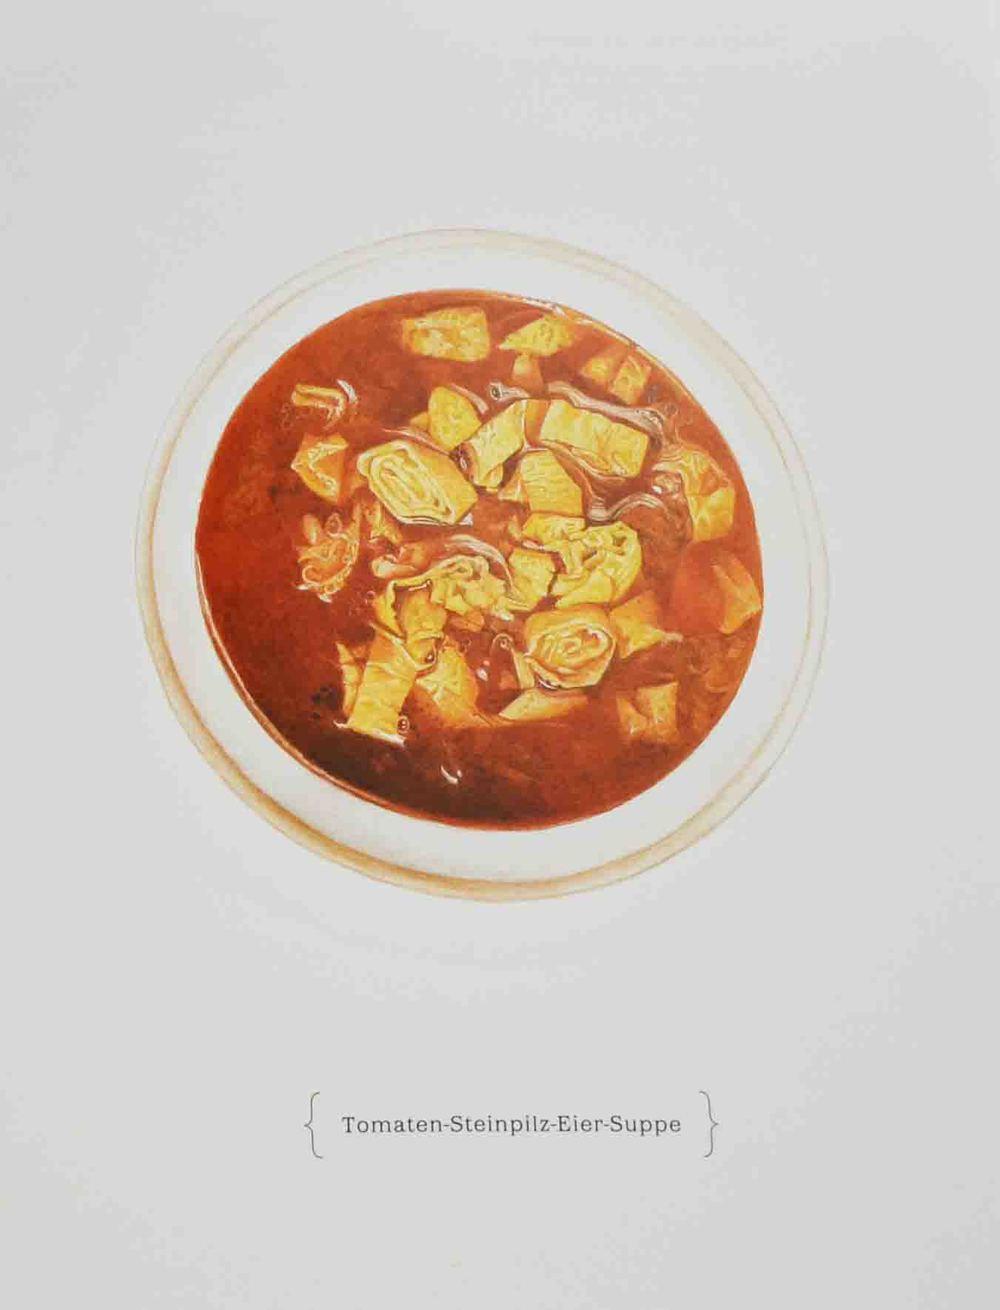 Das Gelbe vom Ei Suppe_gethungry.jpg